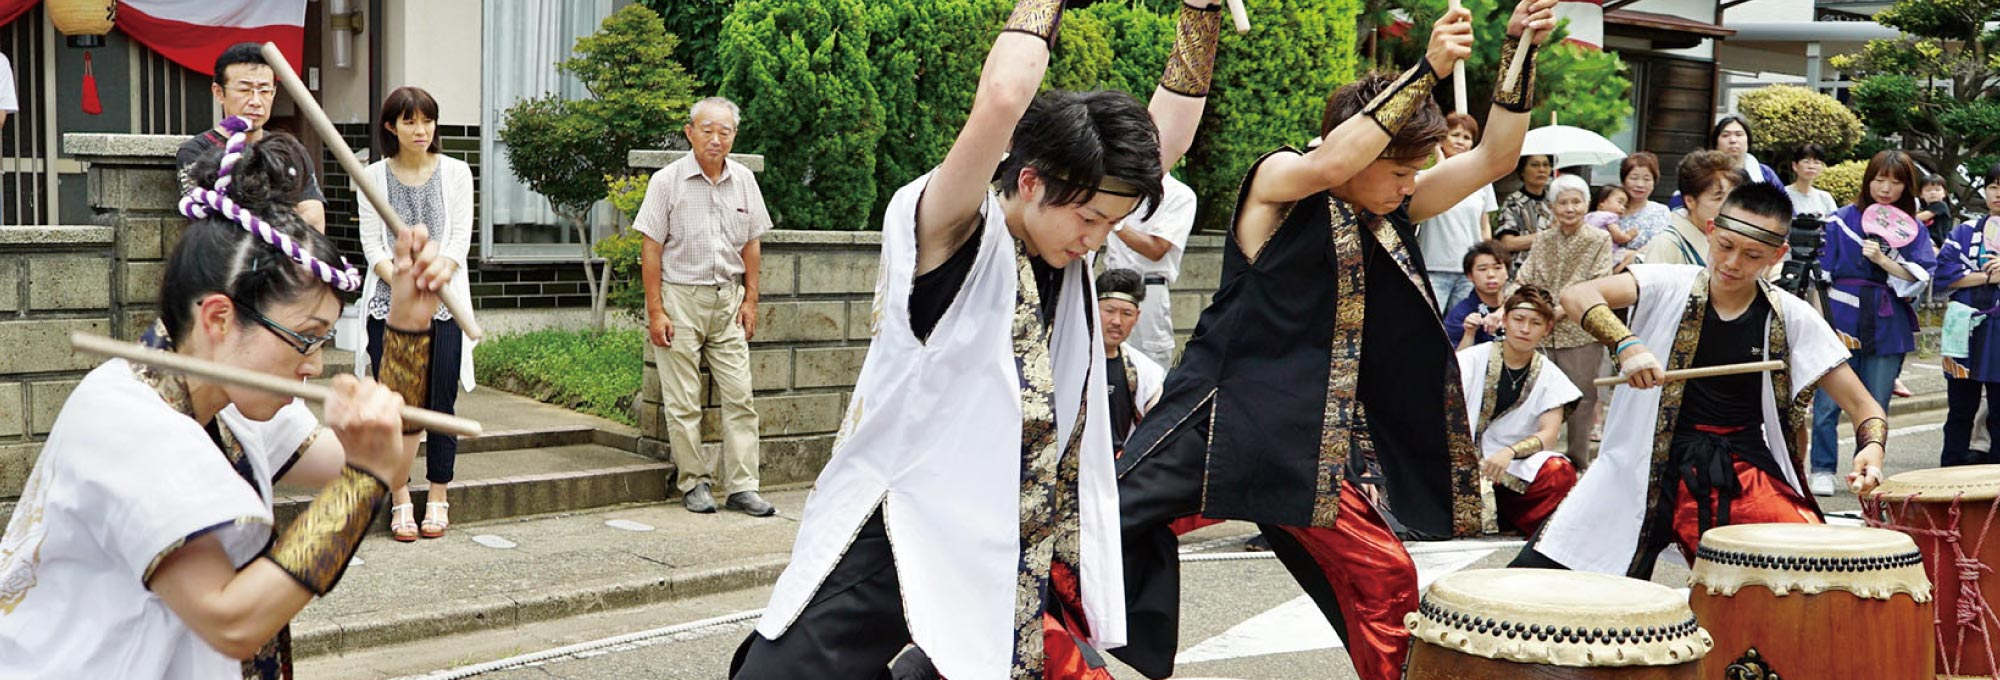 金津祭りの曲太鼓では各地から若者が集います